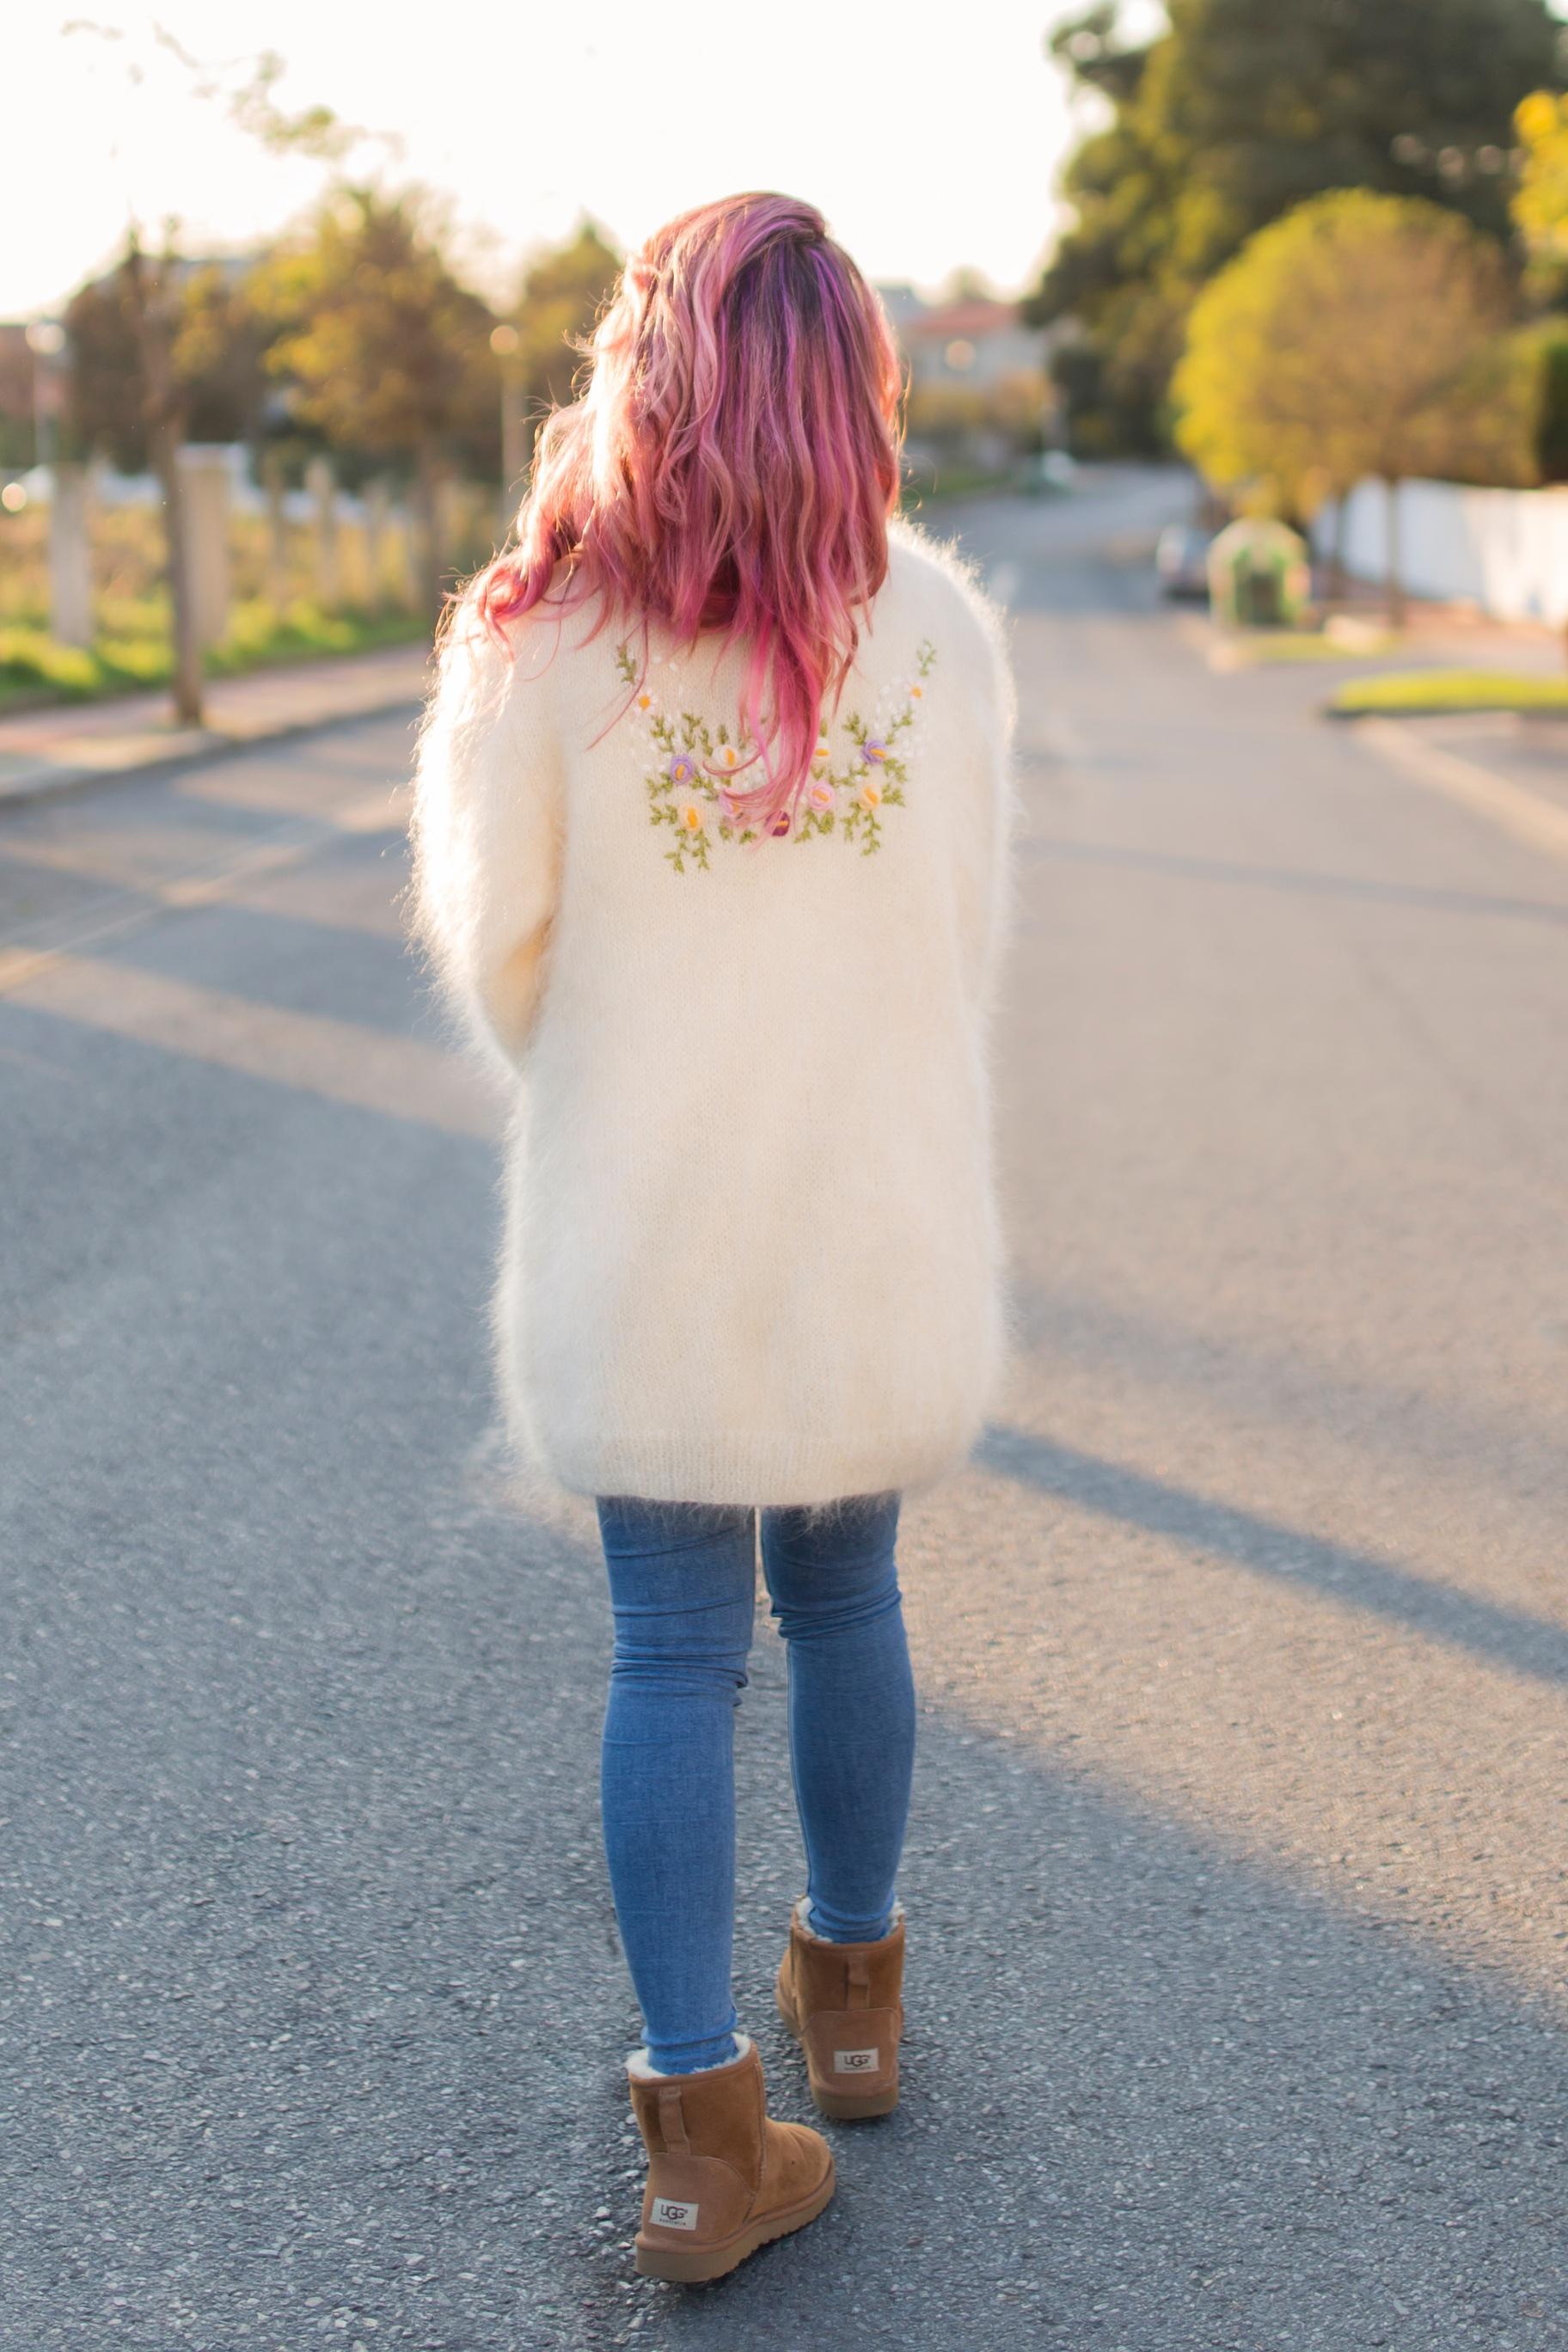 alba-pink hair-coruña-mohair-vitagecoffee-ugg-moda-descalzaporelparque-descalza-look